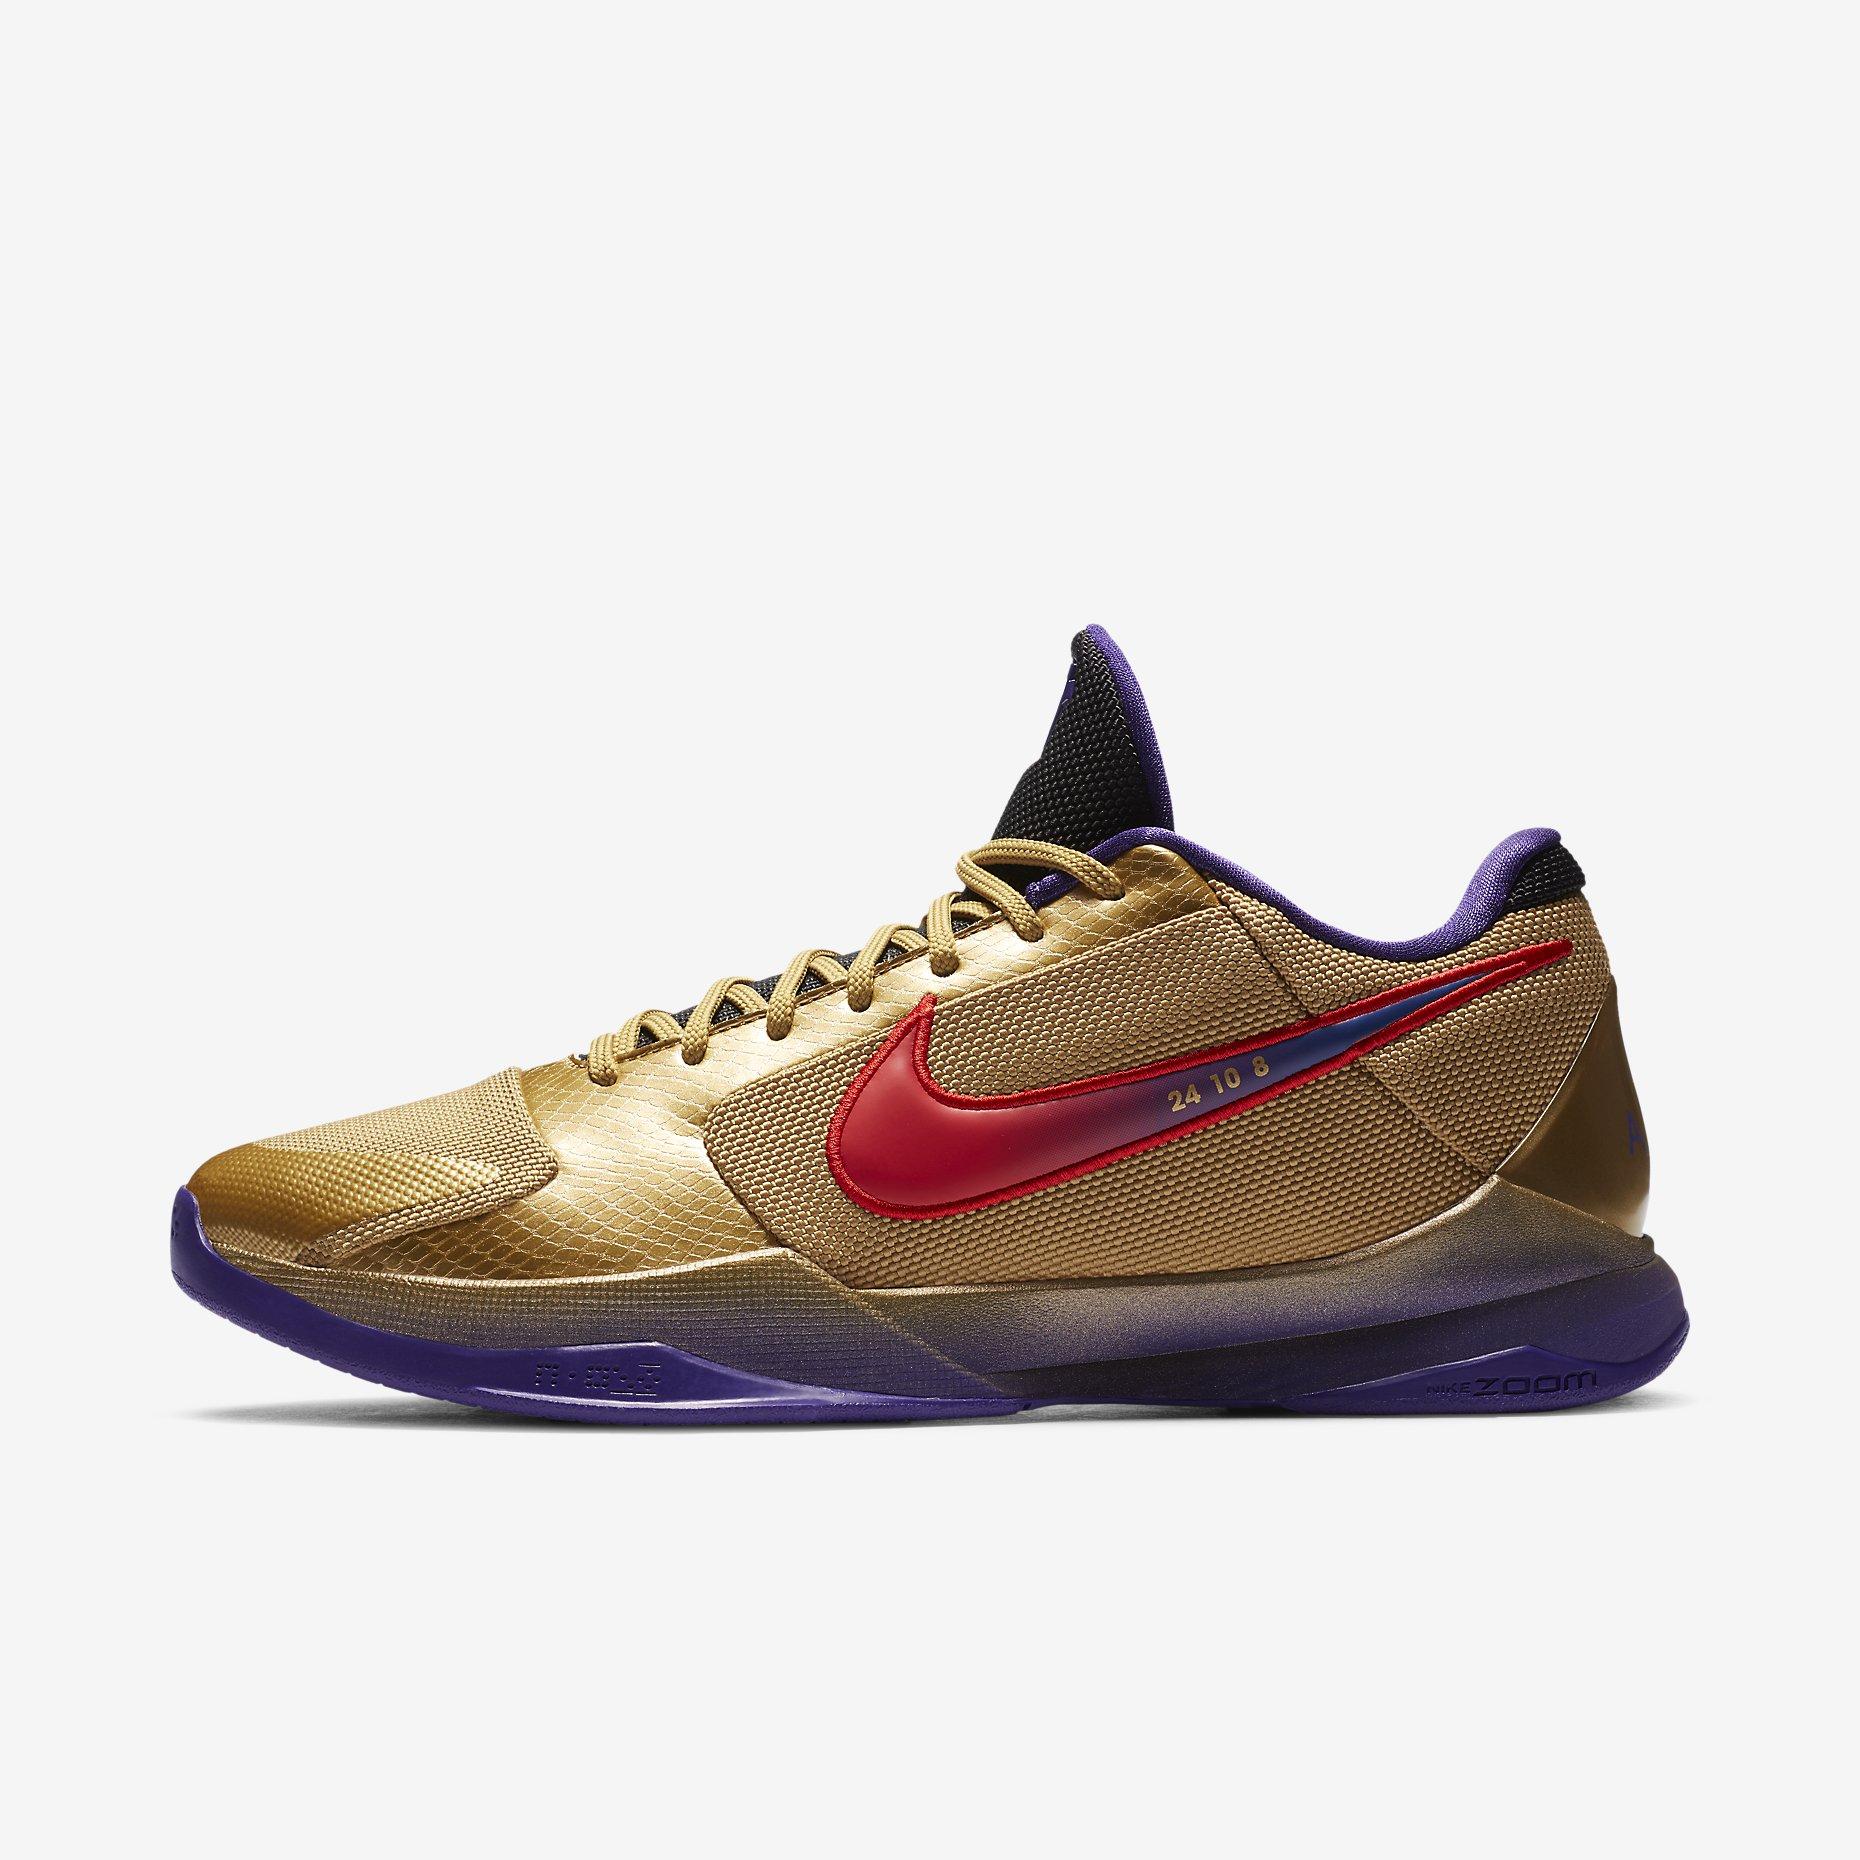 Undefeated x Nike Kobe 5 Protro 'Hall of Fame'}